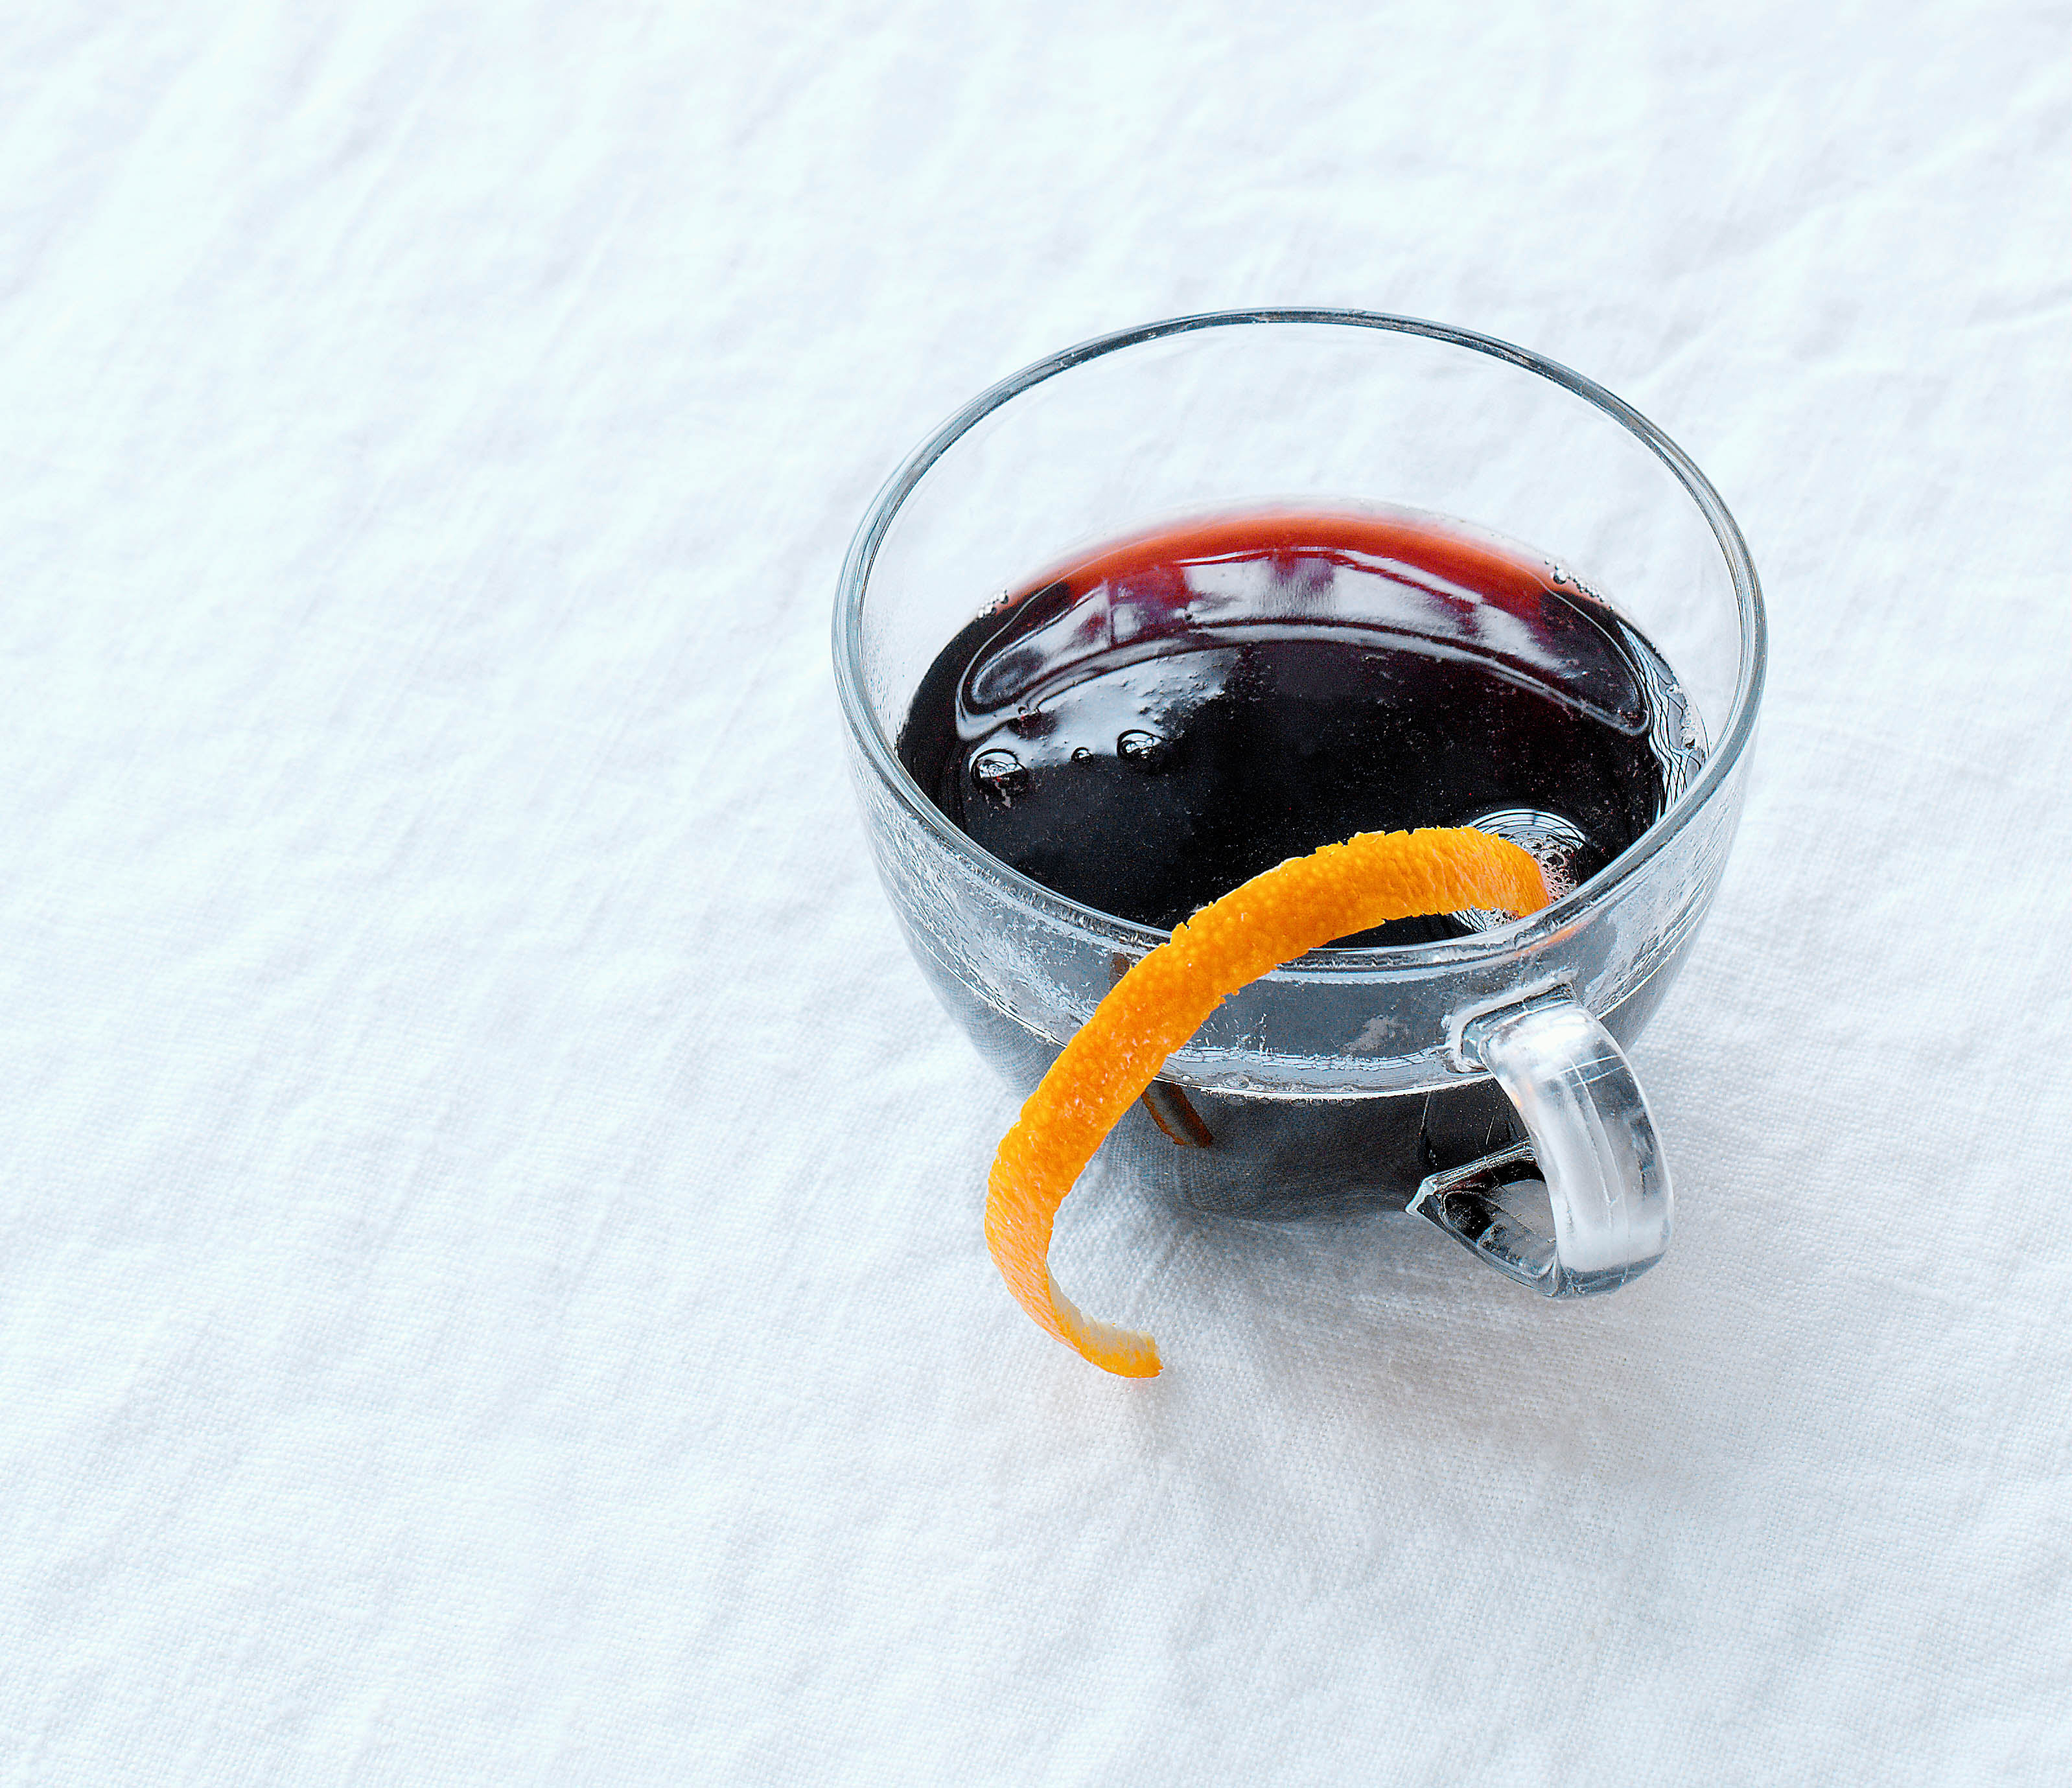 kruidige zoete wijn